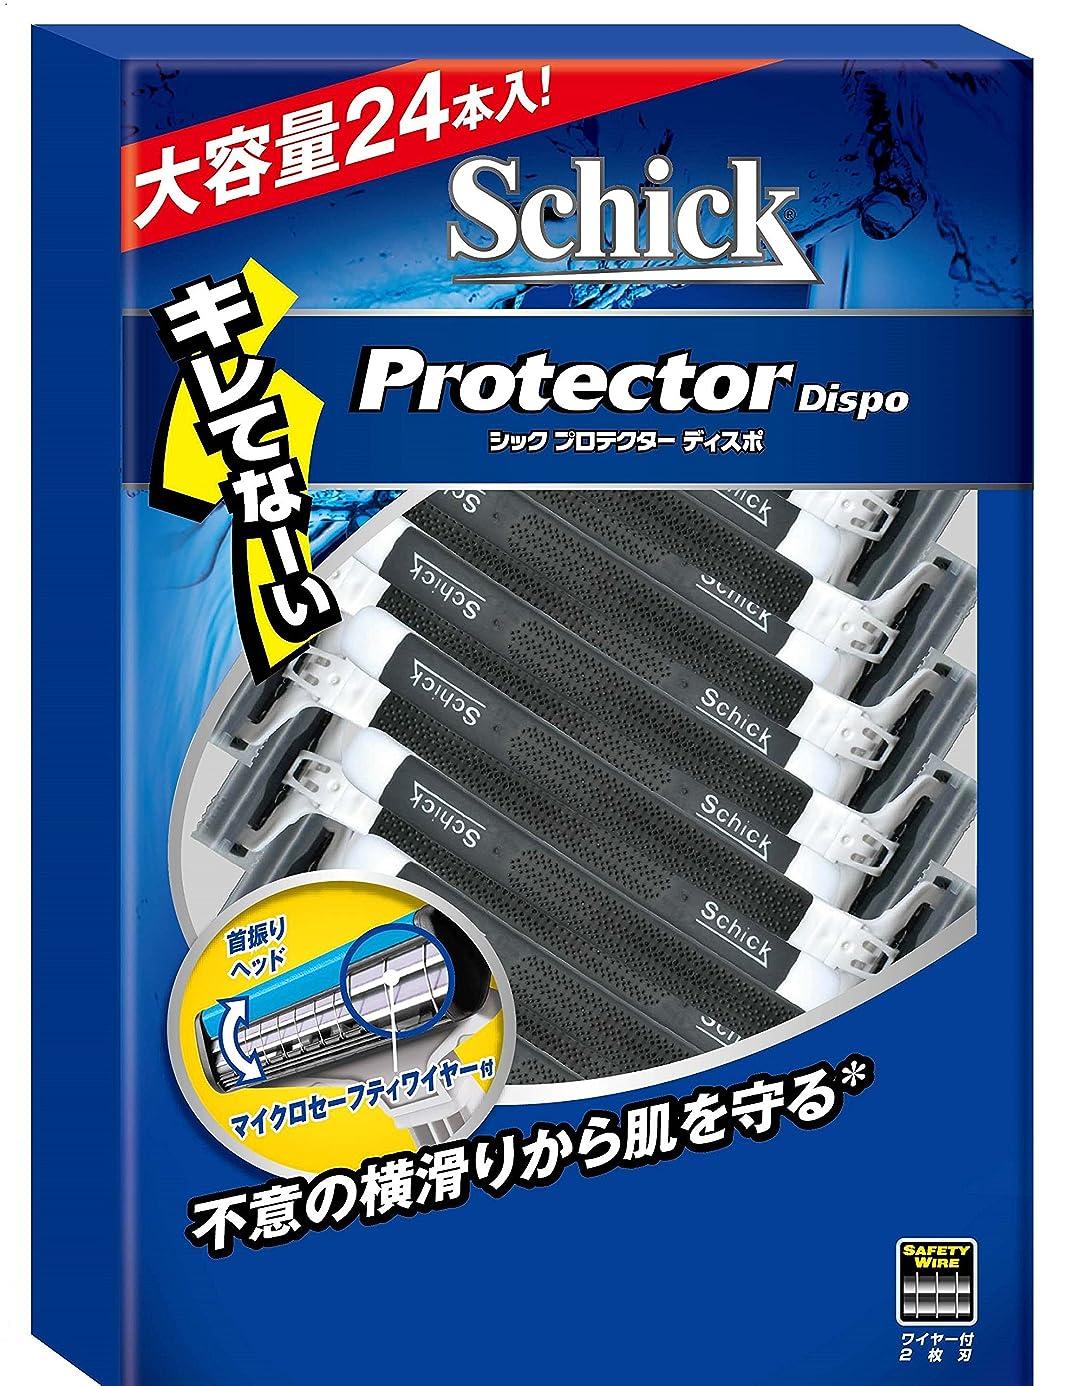 キャンプ時代遅れ洞察力のある大容量 シック schick プロテクターディスポ 使い捨て (24本入)